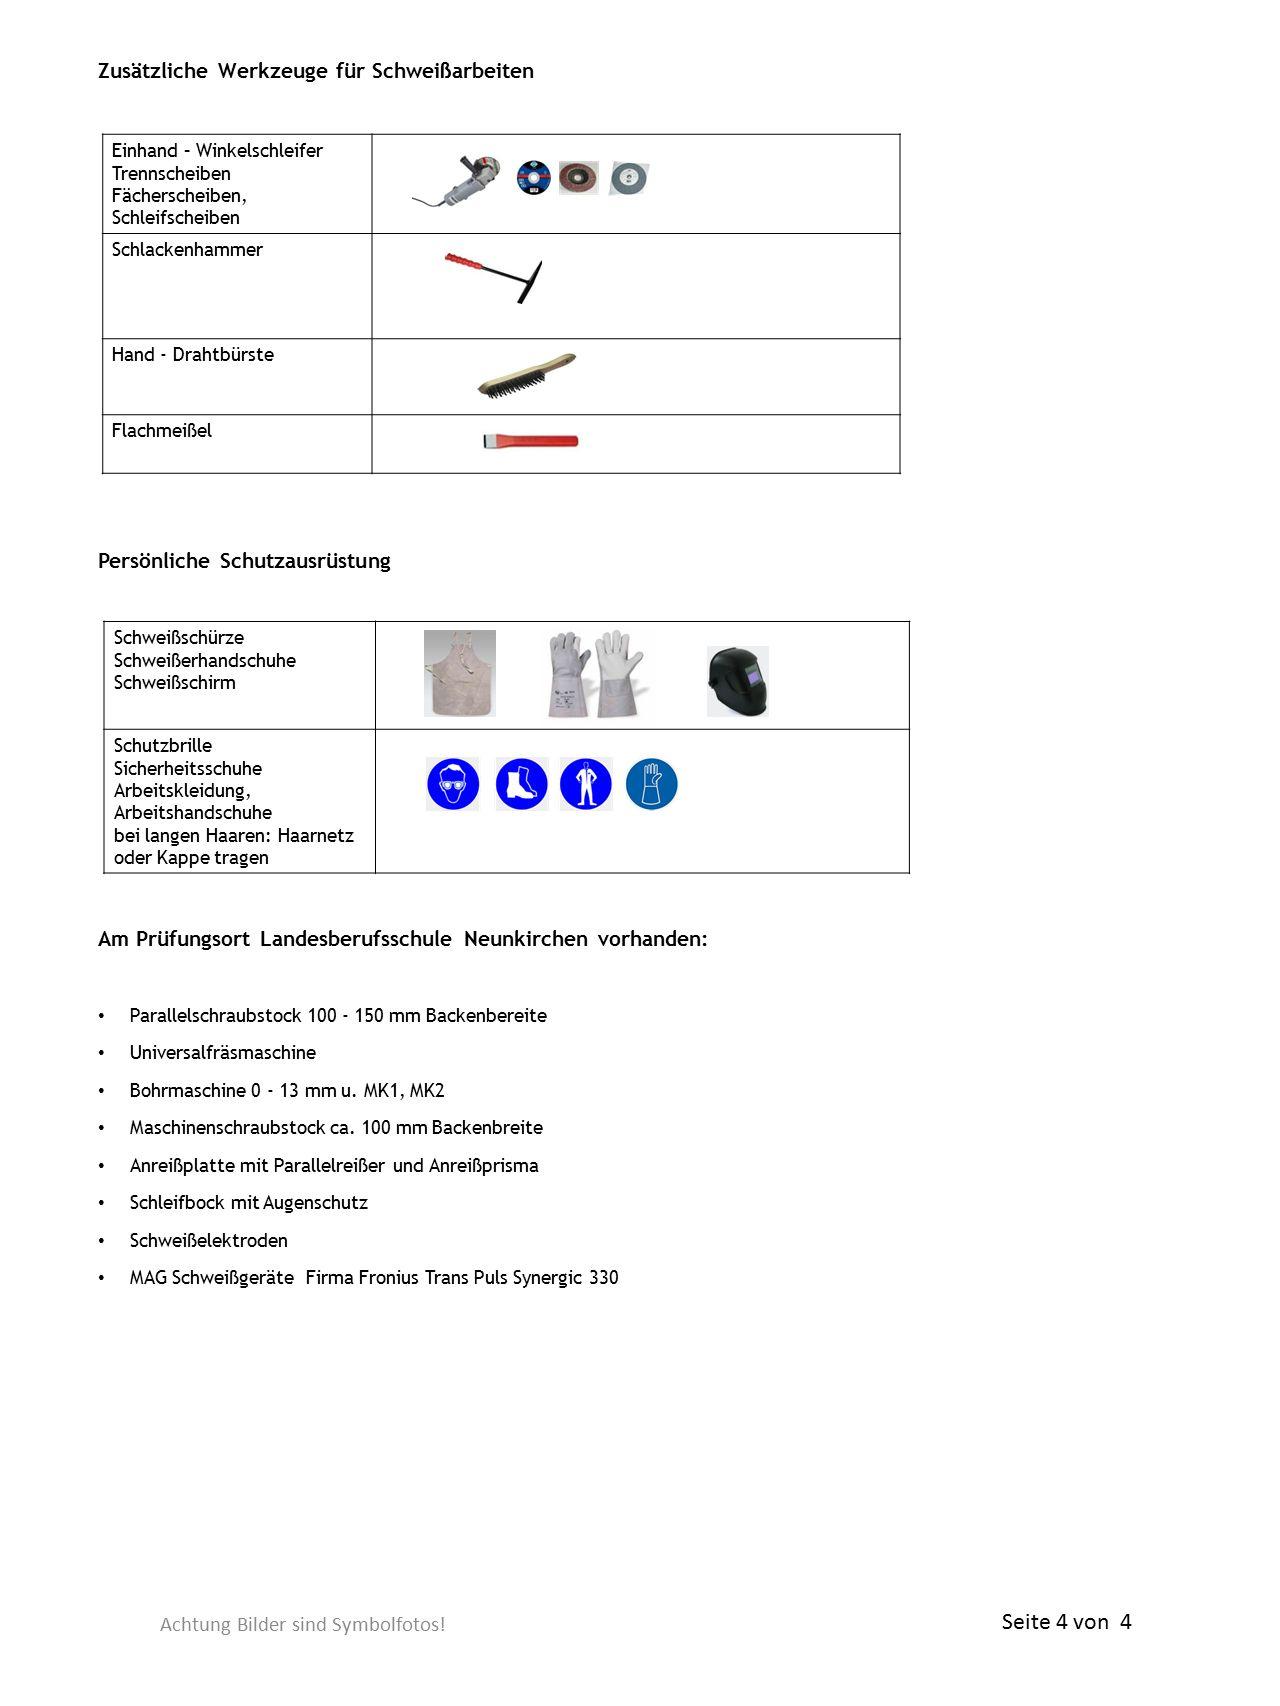 Zusätzliche Werkzeuge für Schweißarbeiten Persönliche Schutzausrüstung Am Prüfungsort Landesberufsschule Neunkirchen vorhanden: Parallelschraubstock 1